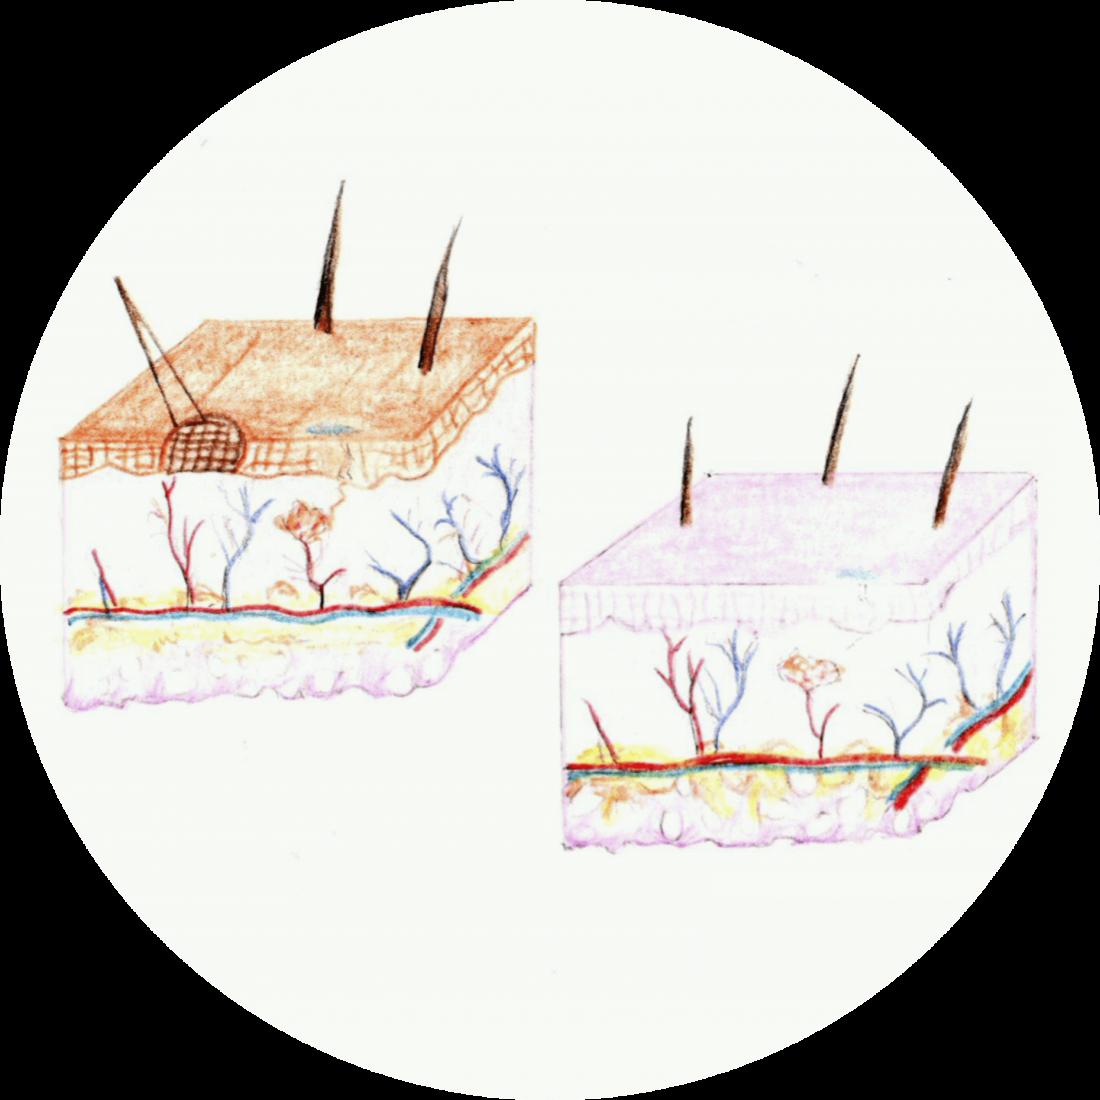 Procedure details: Mole Removal